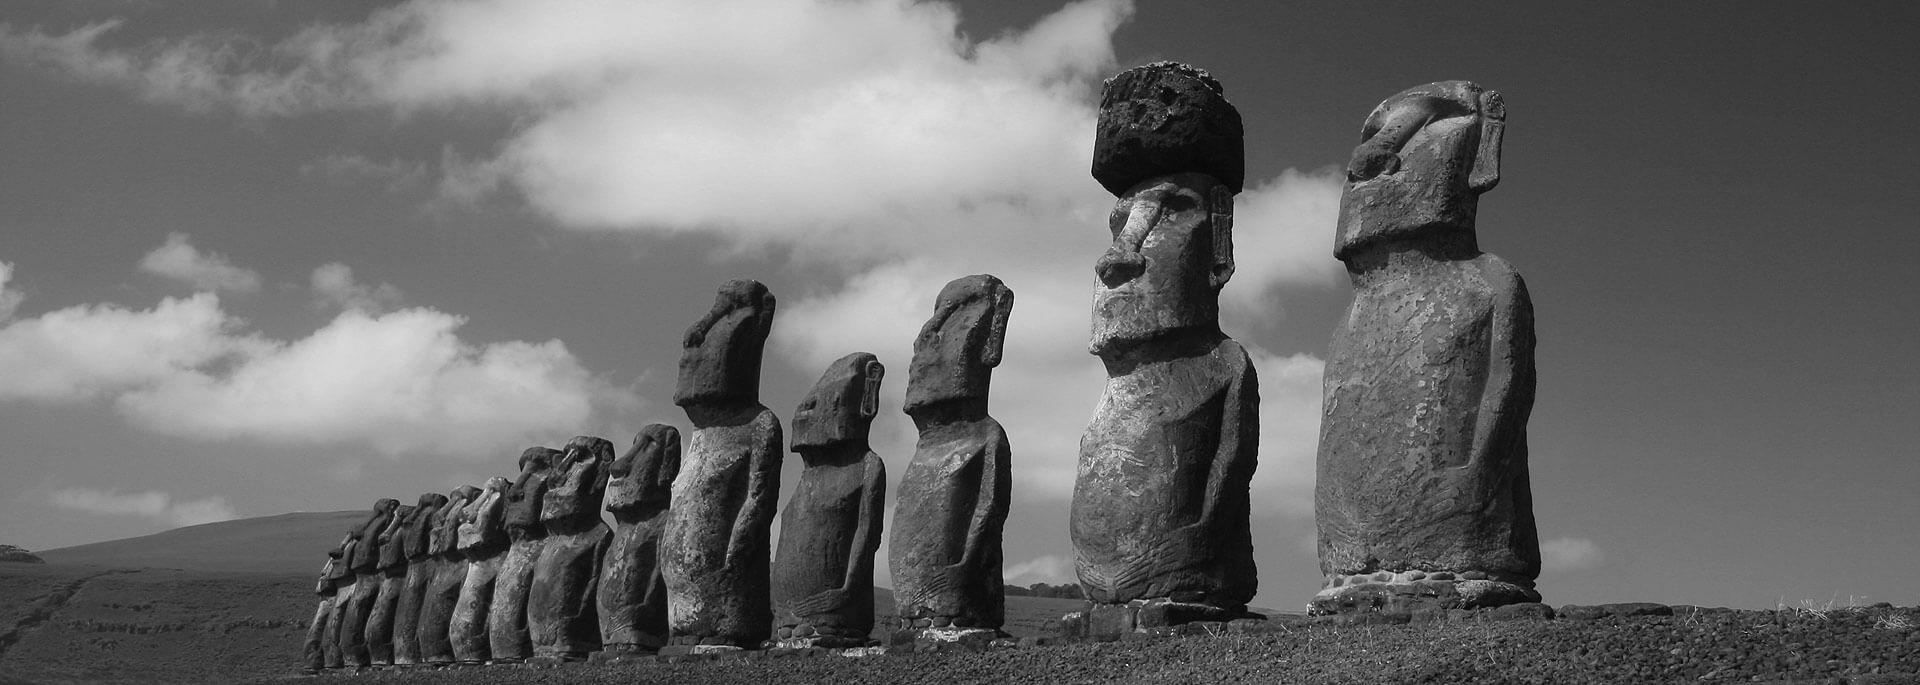 Fotos: Moai der Osterinsel in Schwarzweiß